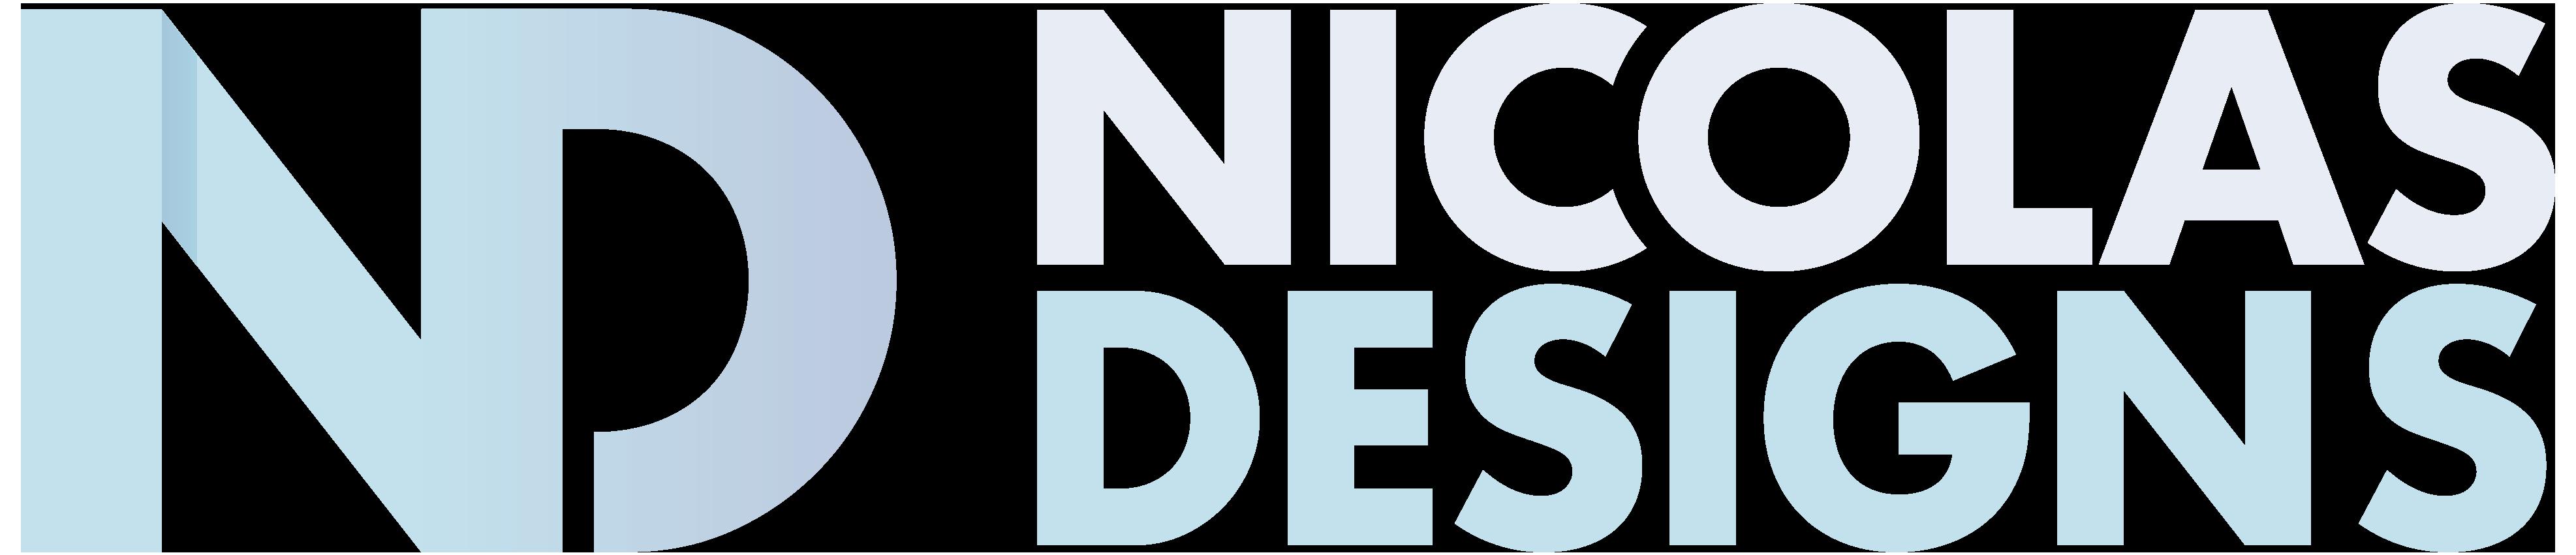 NICOLAS DESIGNS